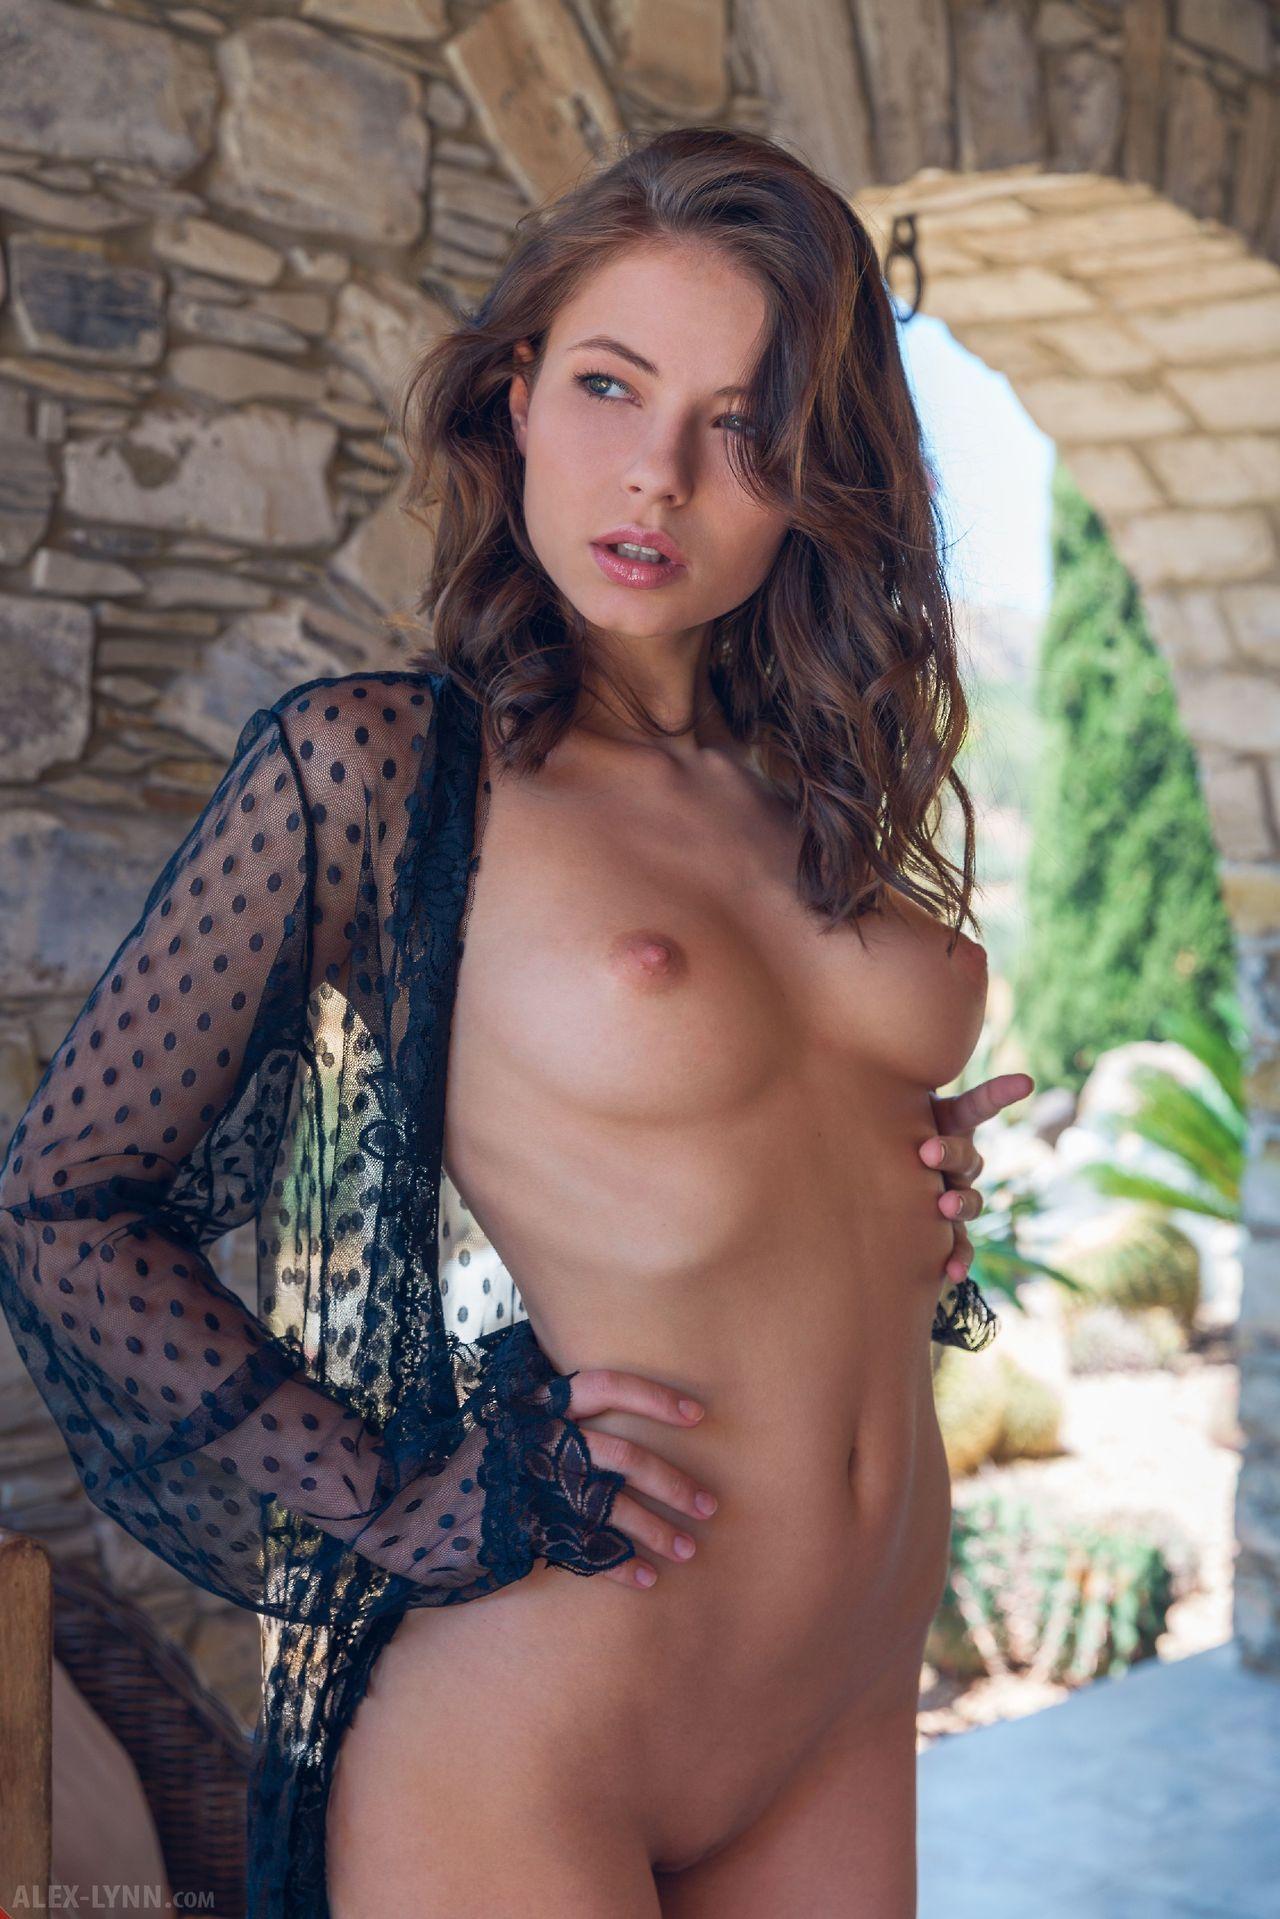 Hilary c nude